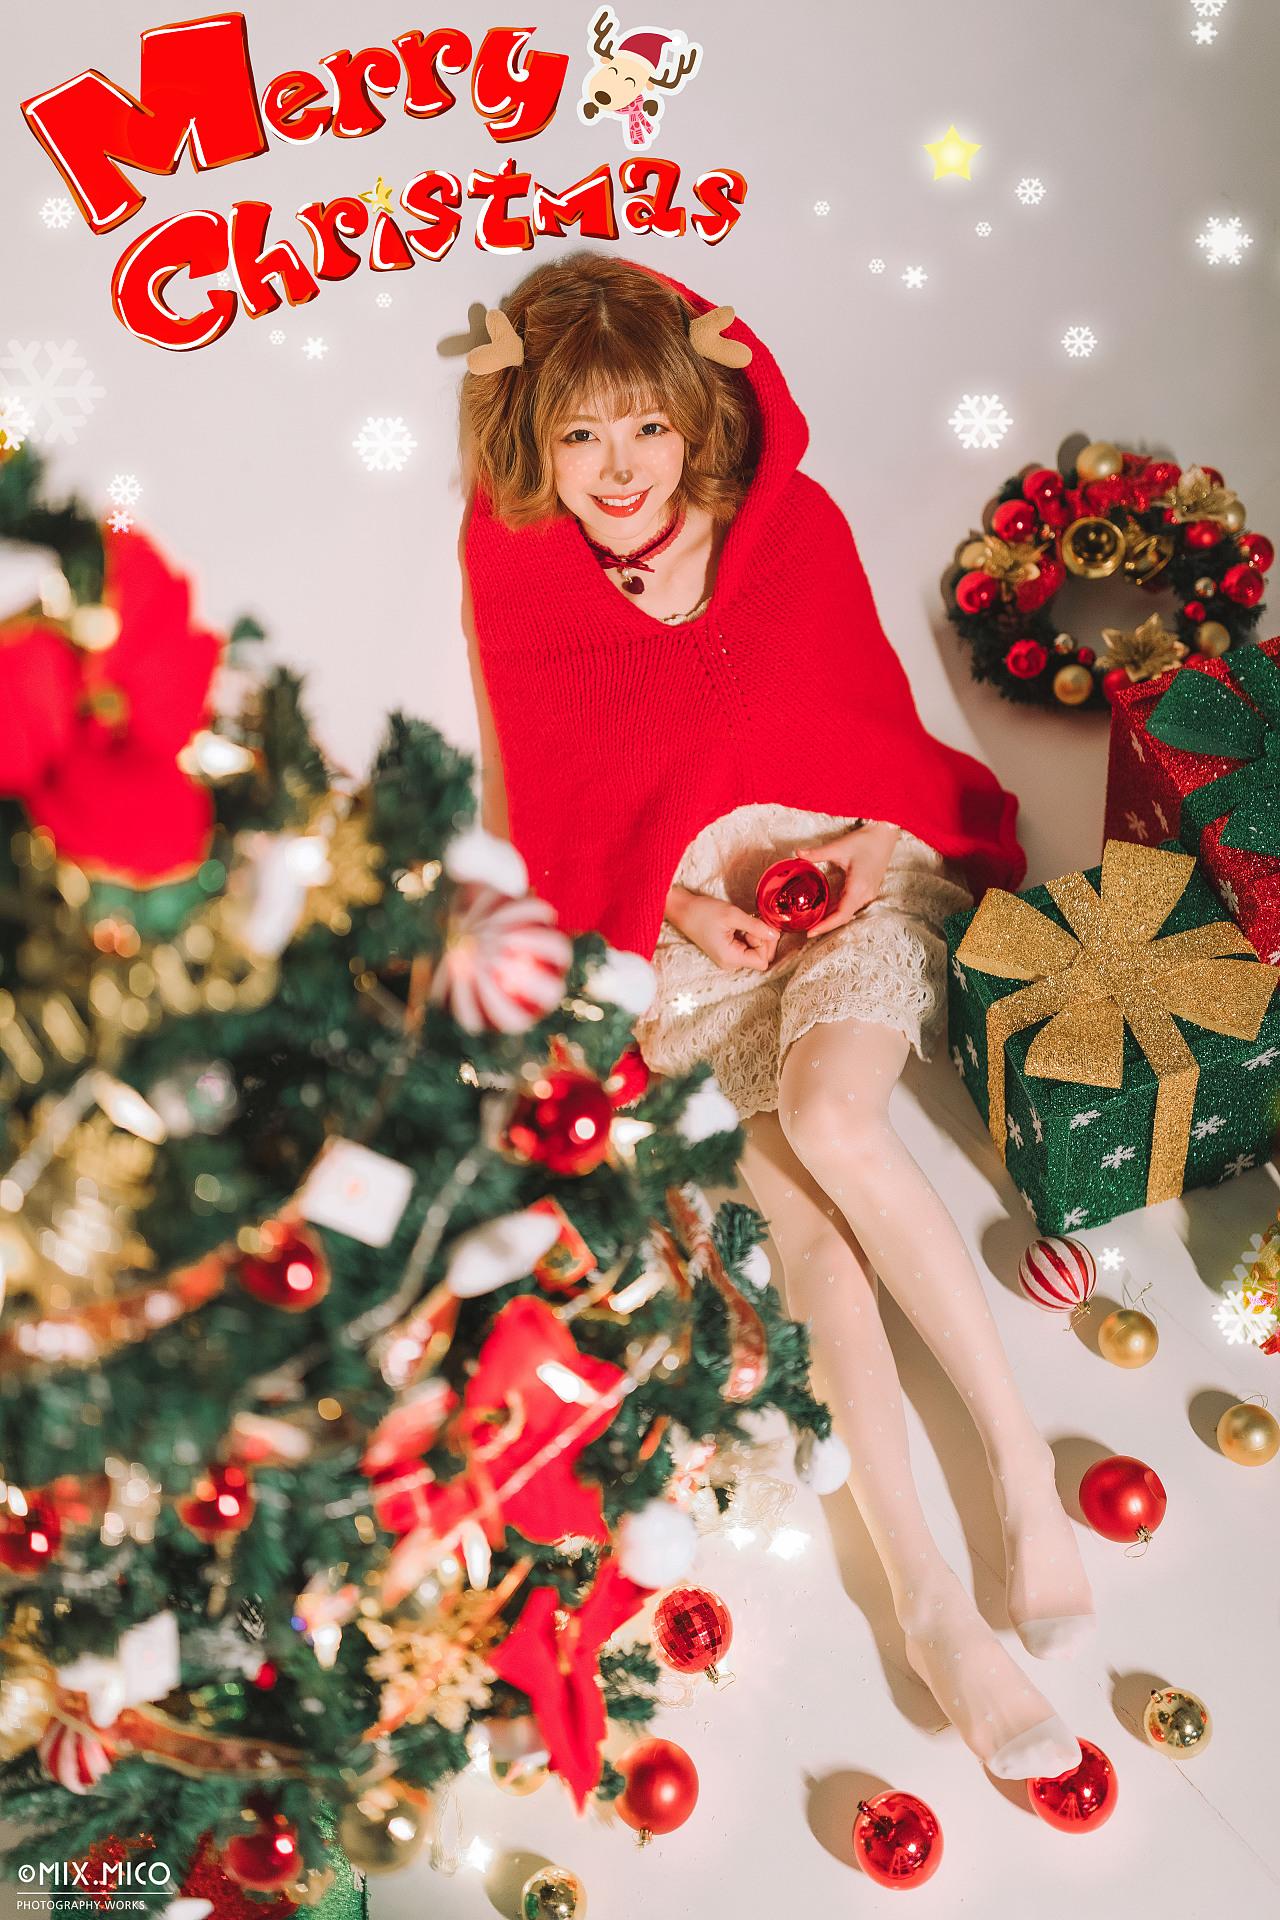 花絮_温馨圣诞|摄影|人像|MixMico - 原创作品 - 站酷 (ZCOOL)